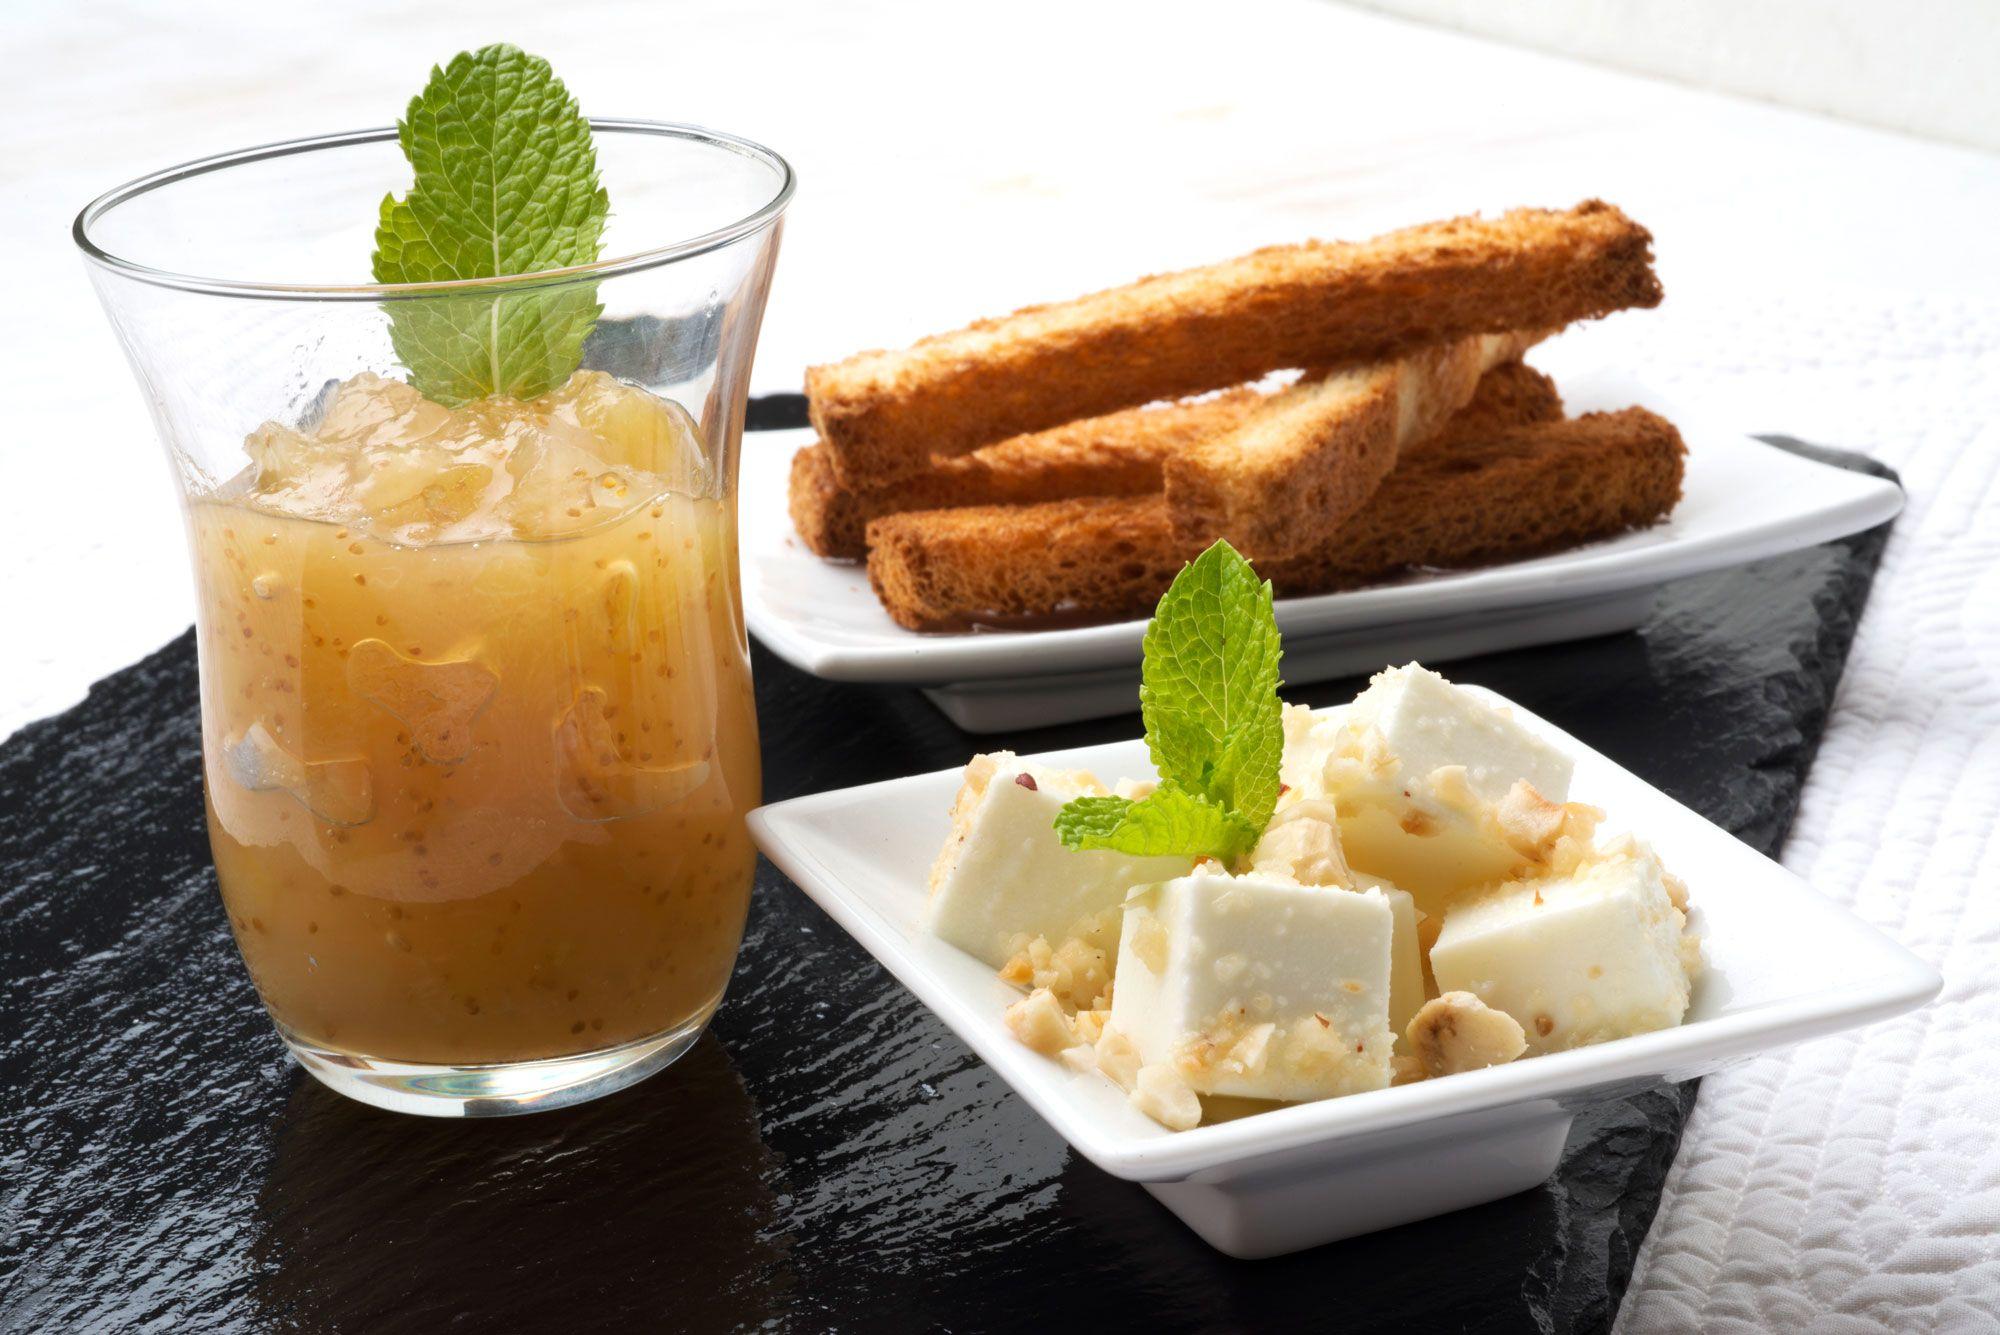 Compota de higos con pan y queso fresco